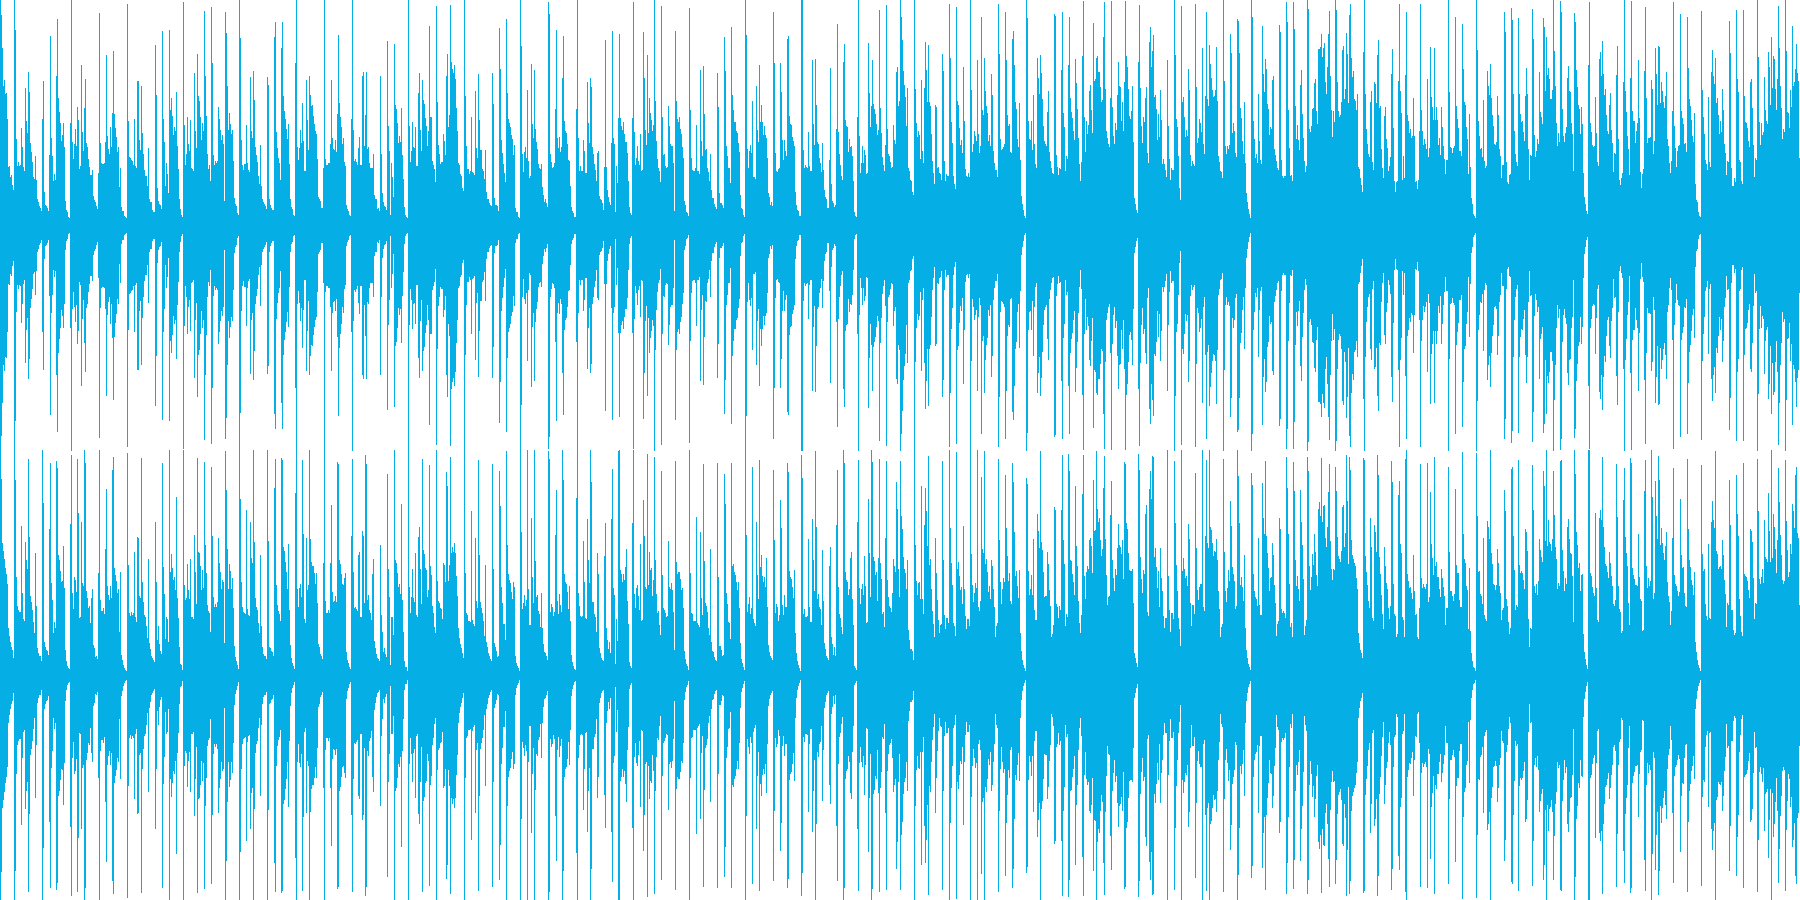 ゲームセレクト画面で使えそうなループ素材の再生済みの波形